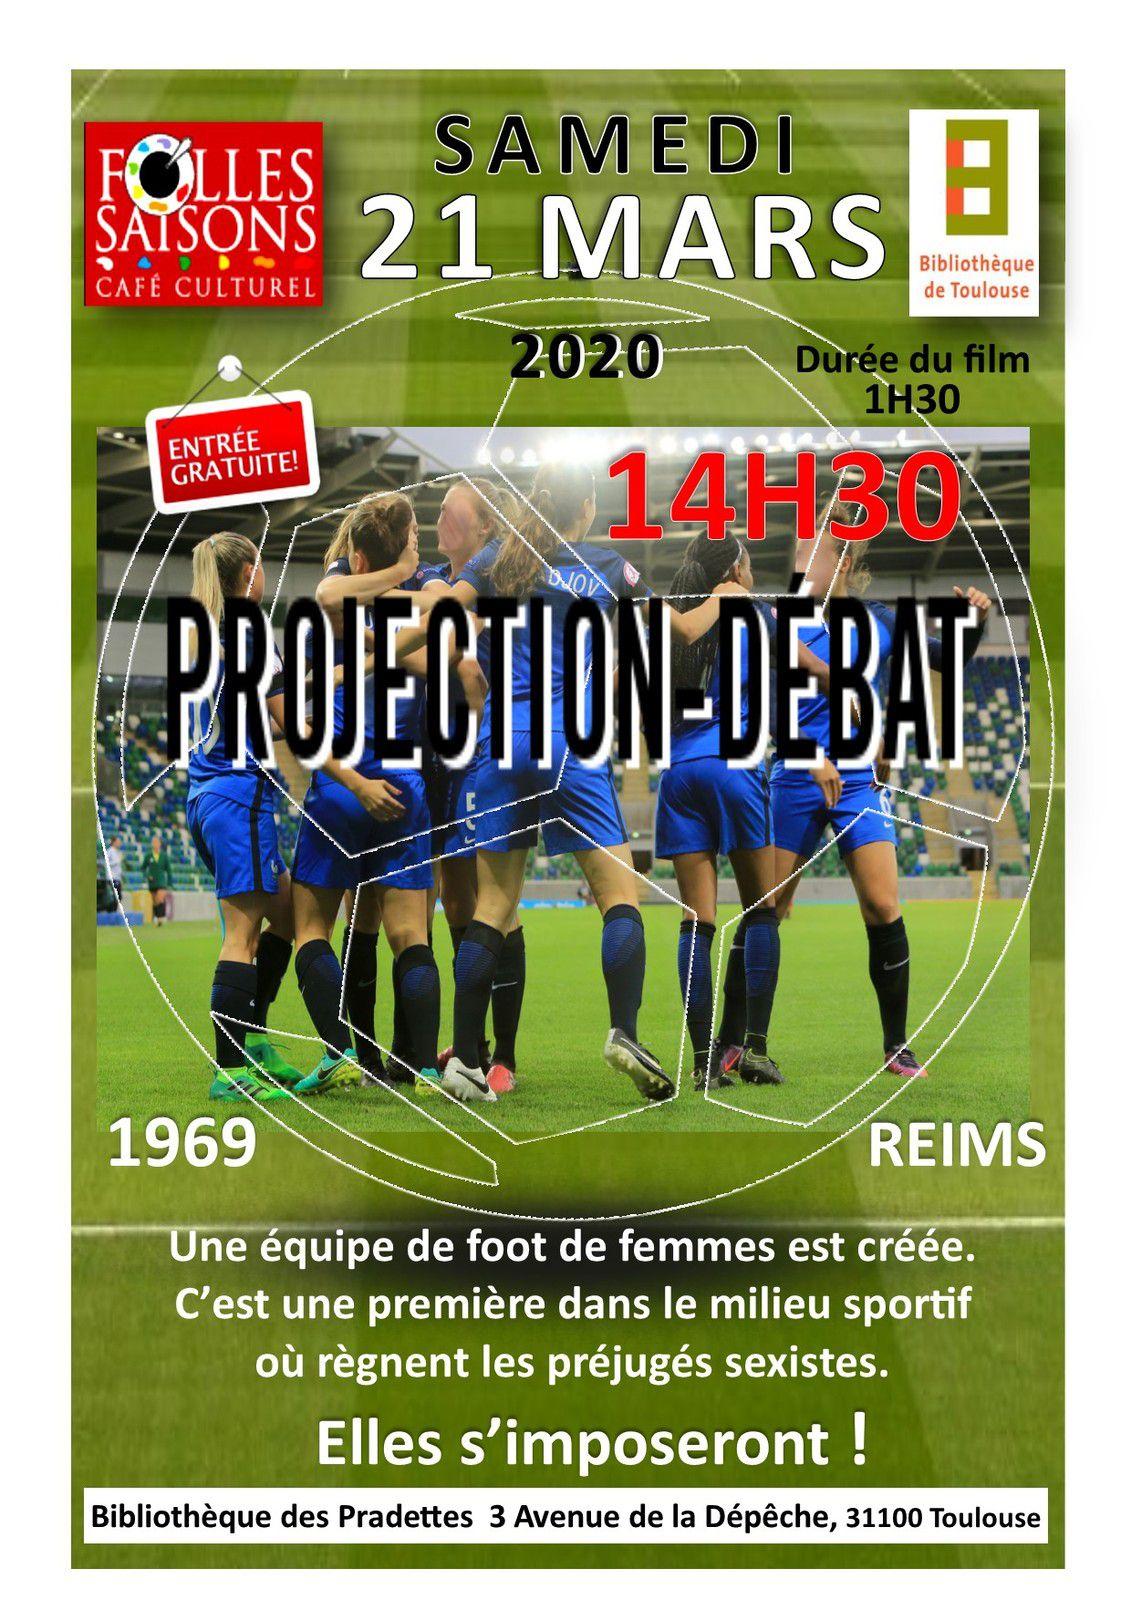 SAMEDI 21 MARS 2020  14h30 Bibliothèque des Pradettes Projection-débat